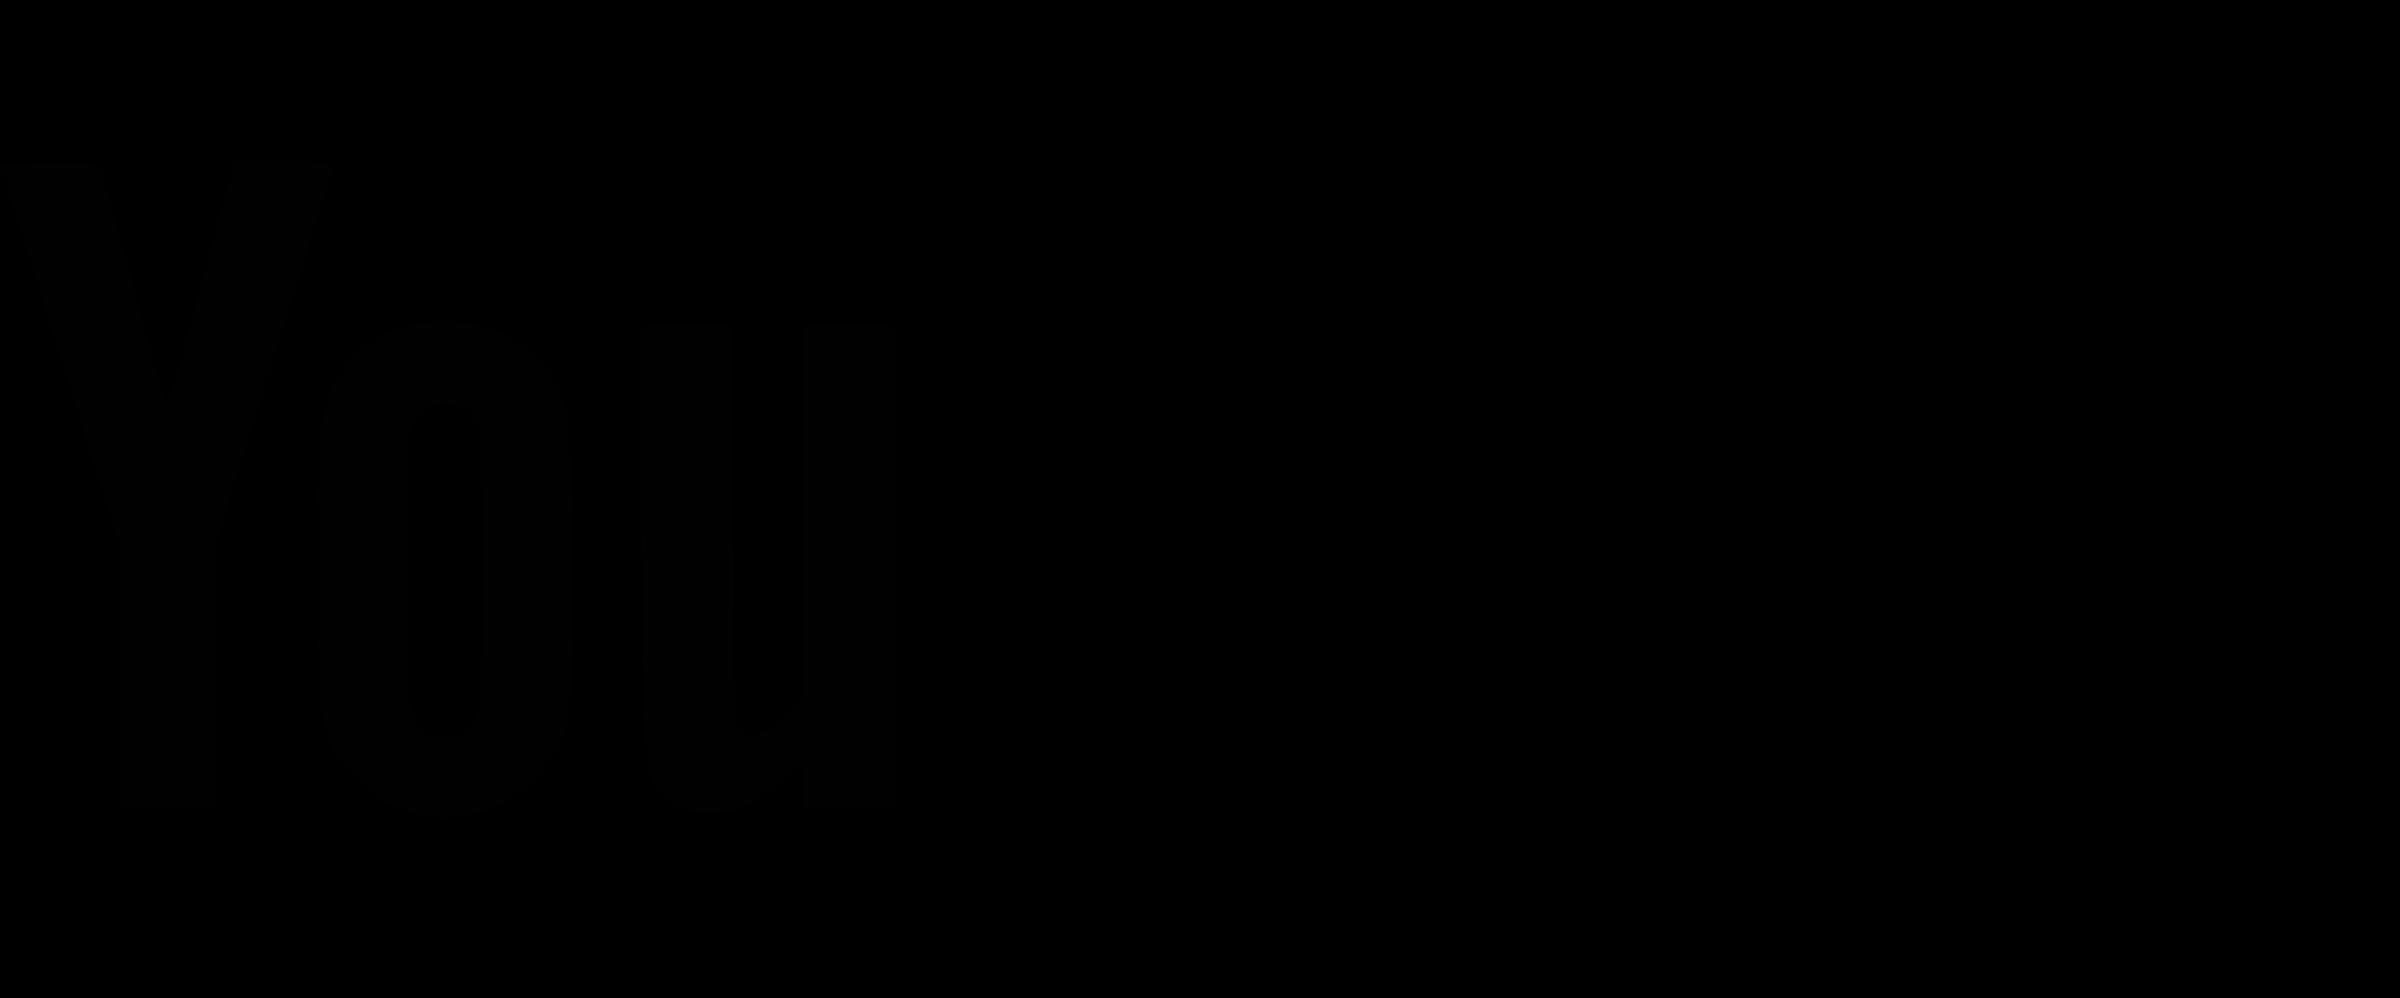 YouTube Logo PNG Transparent & SVG Vector.